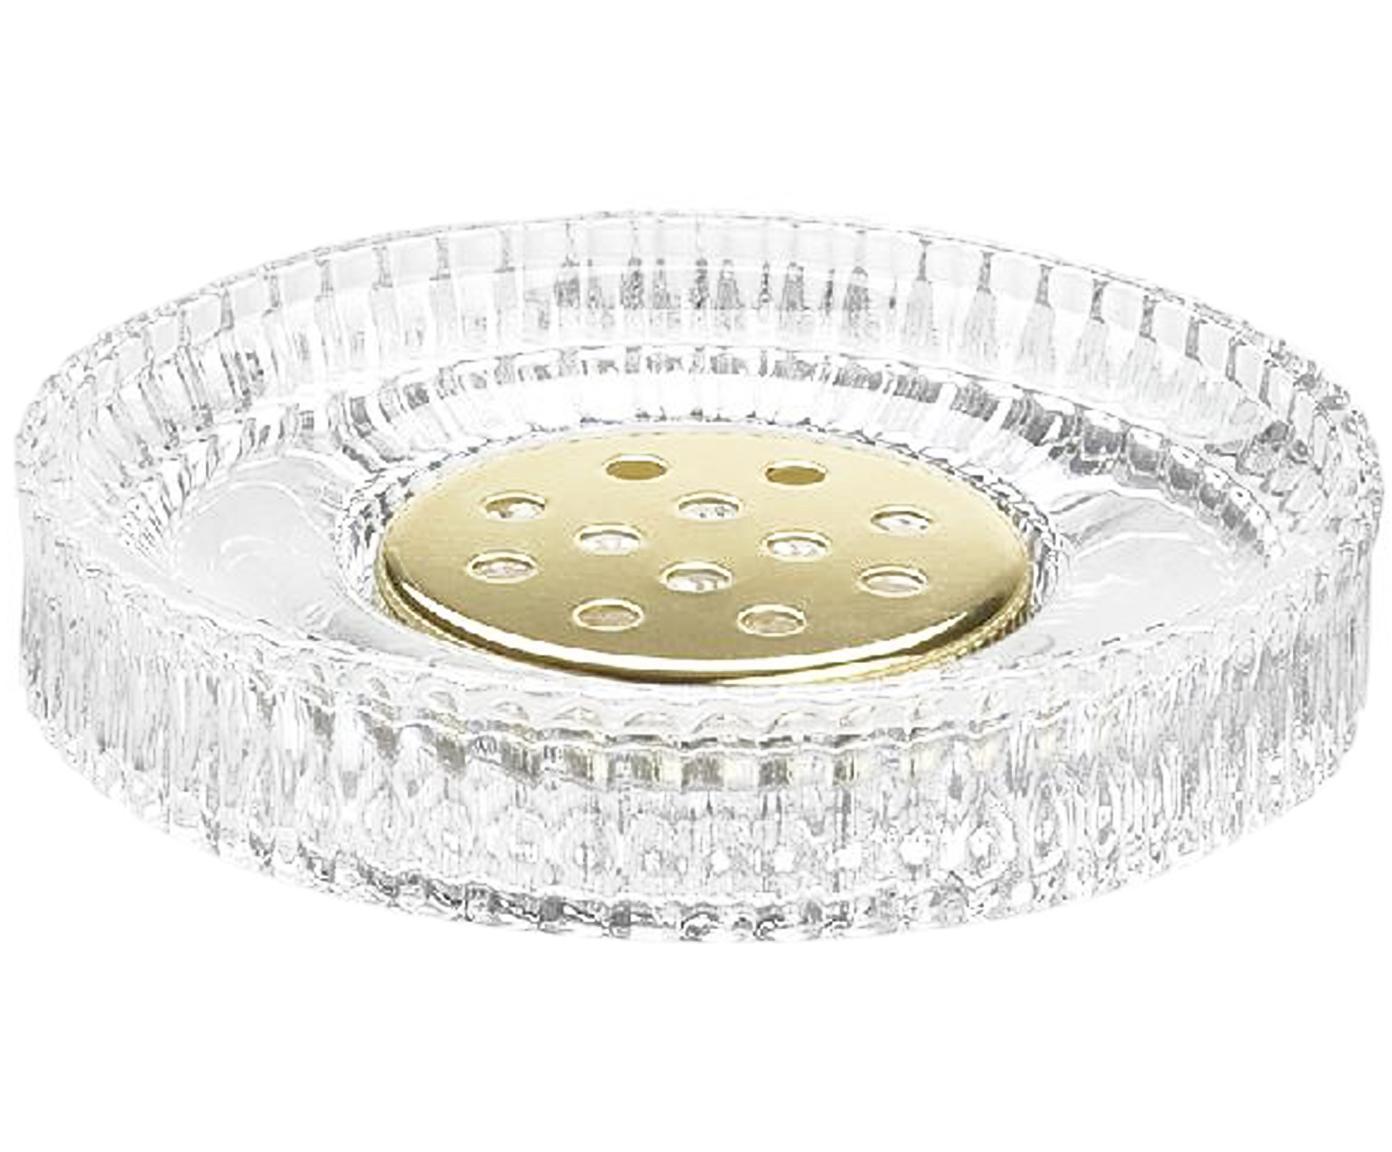 Seifenschale Gulji aus Glas, Glas, Metall, Transparent, Goldfarben, Ø 11 x H 2 cm